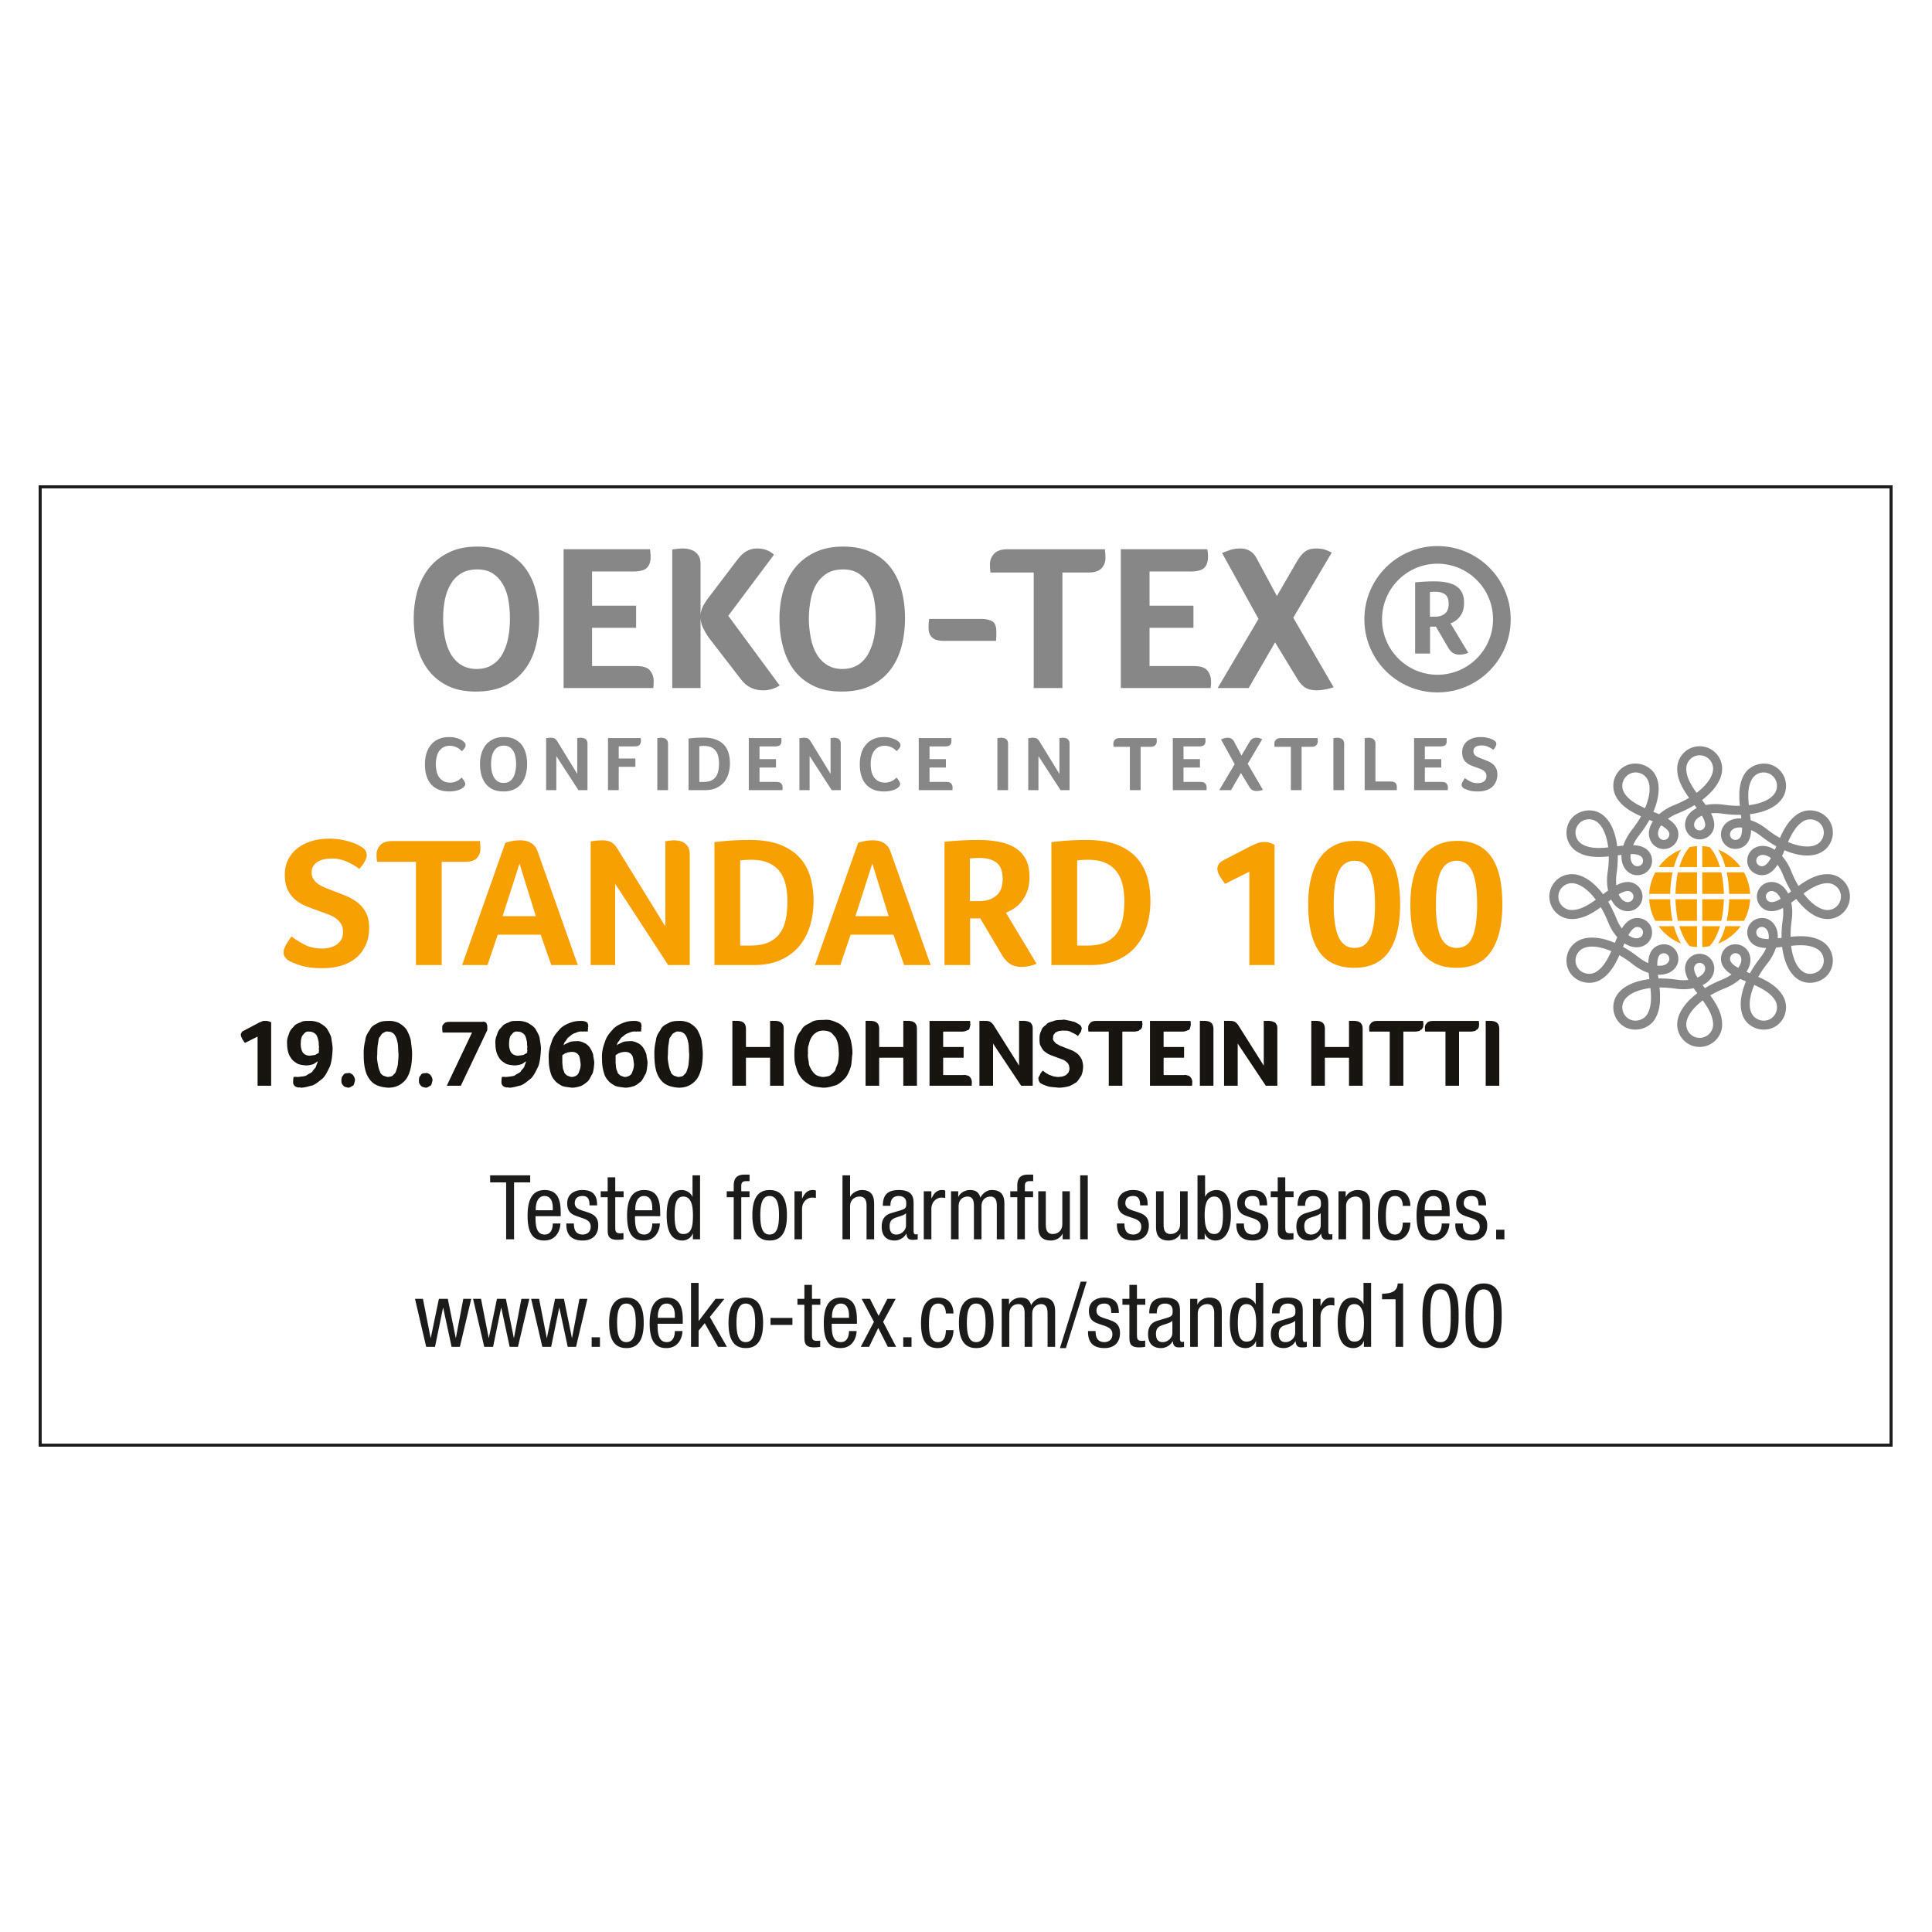 Sac en coton Oeko-Tex STANDARD 100 à anses courtes